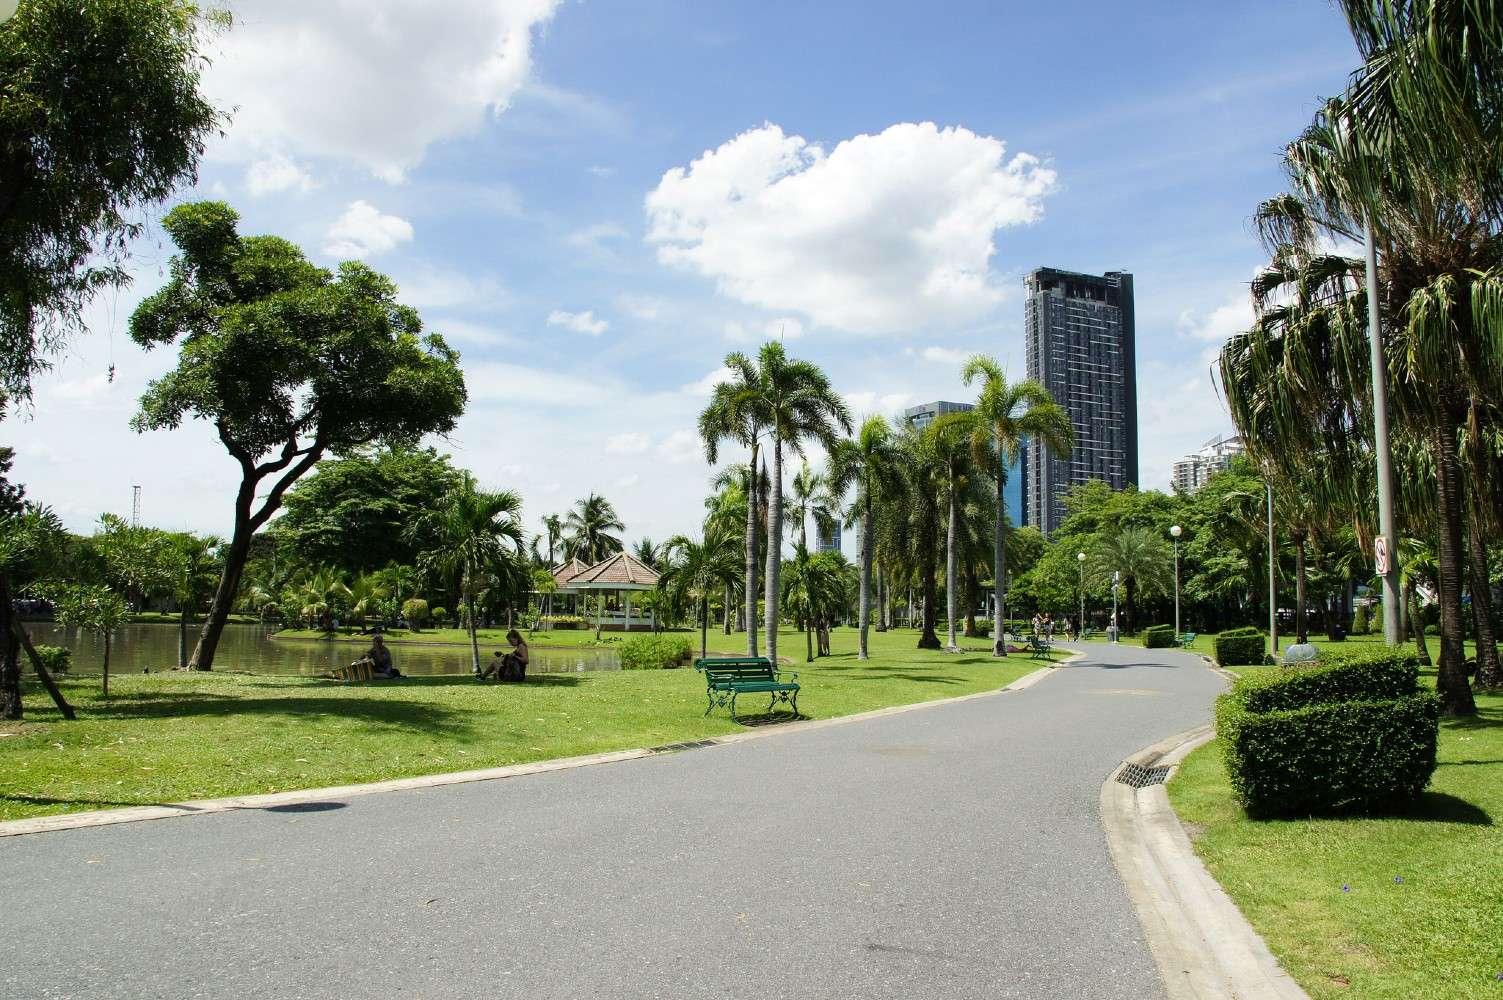 Walking path at Chatuchak Park in Bangkok